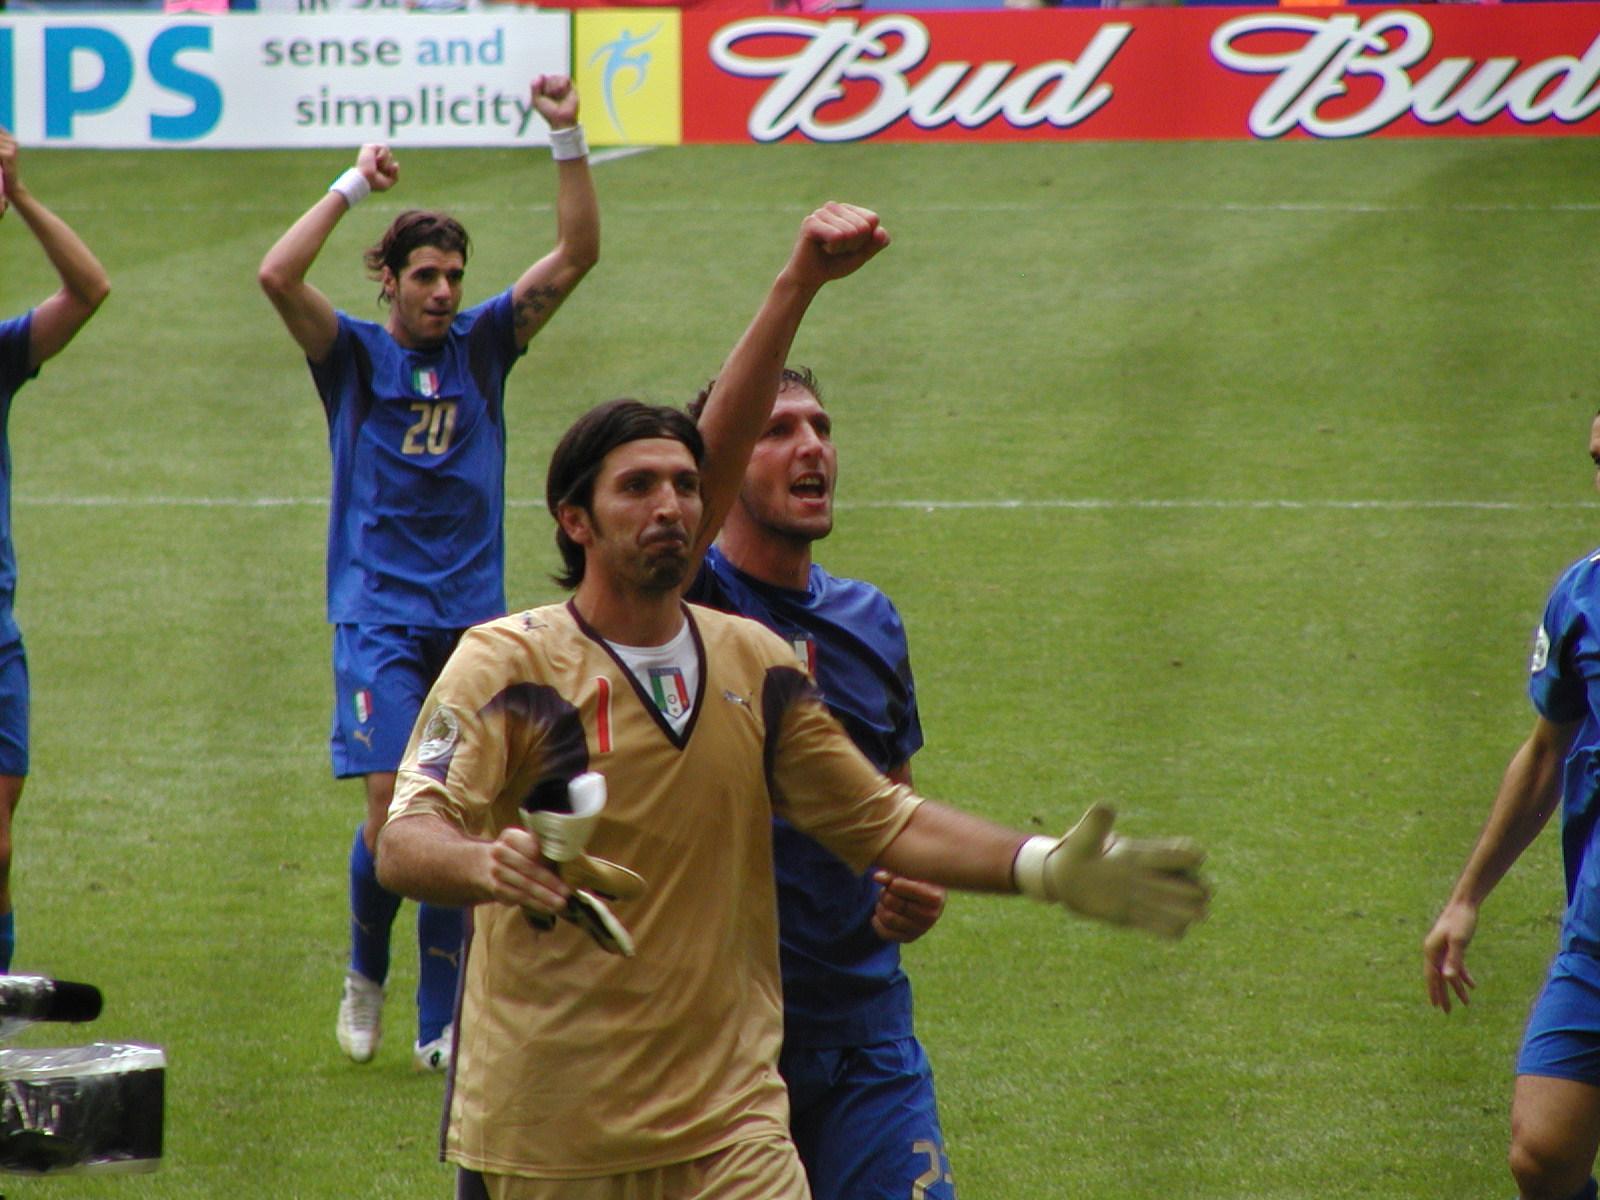 """Το Μουντιάλ 2006, όταν ο Λεπέν """"κατηγόρησε"""" του γάλλους παίκτες ότι όλοι είναι μαύροι. Η  έξαρση του ρατσισμού. Ο """"σκατόμαυρος"""" Ανρί και ο """"αλγερινός"""" Ζιντάν"""